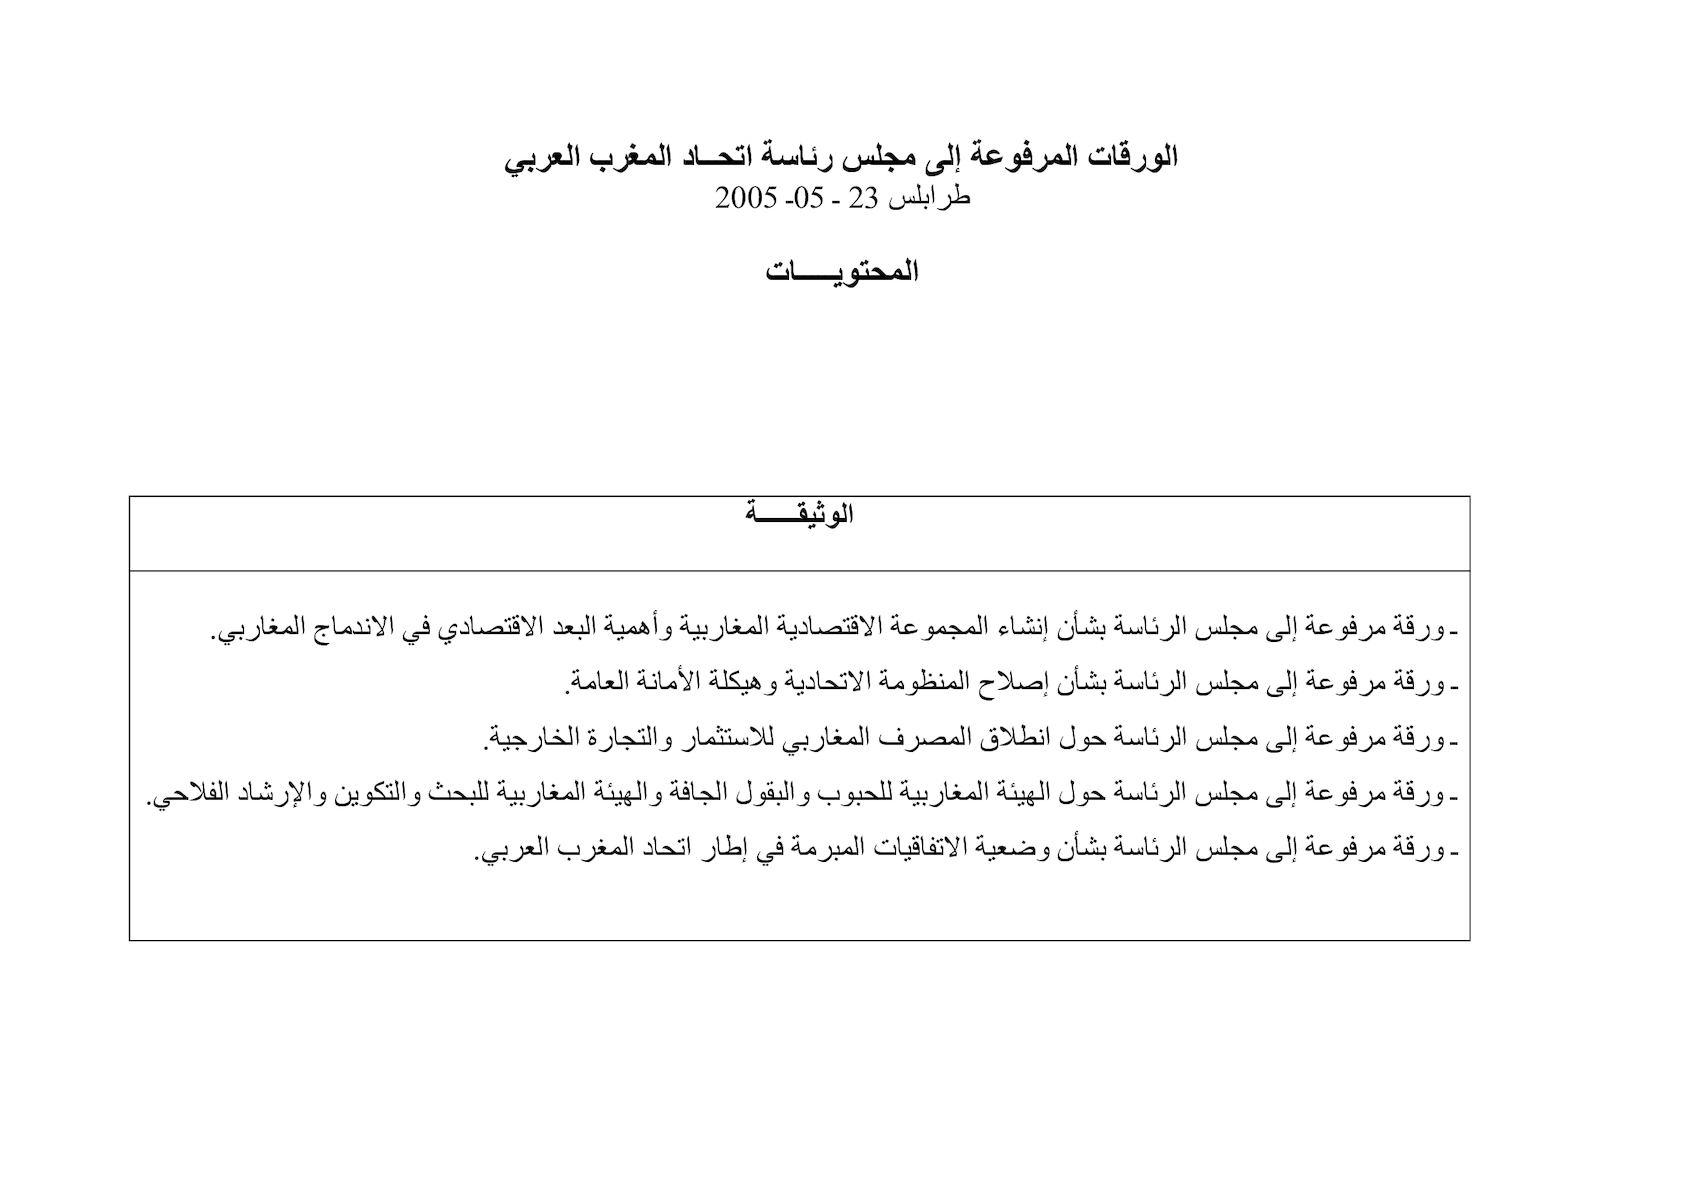 الورقات المرفوعة إلى مجلس رئاسة اتحــاد المغرب العربي.